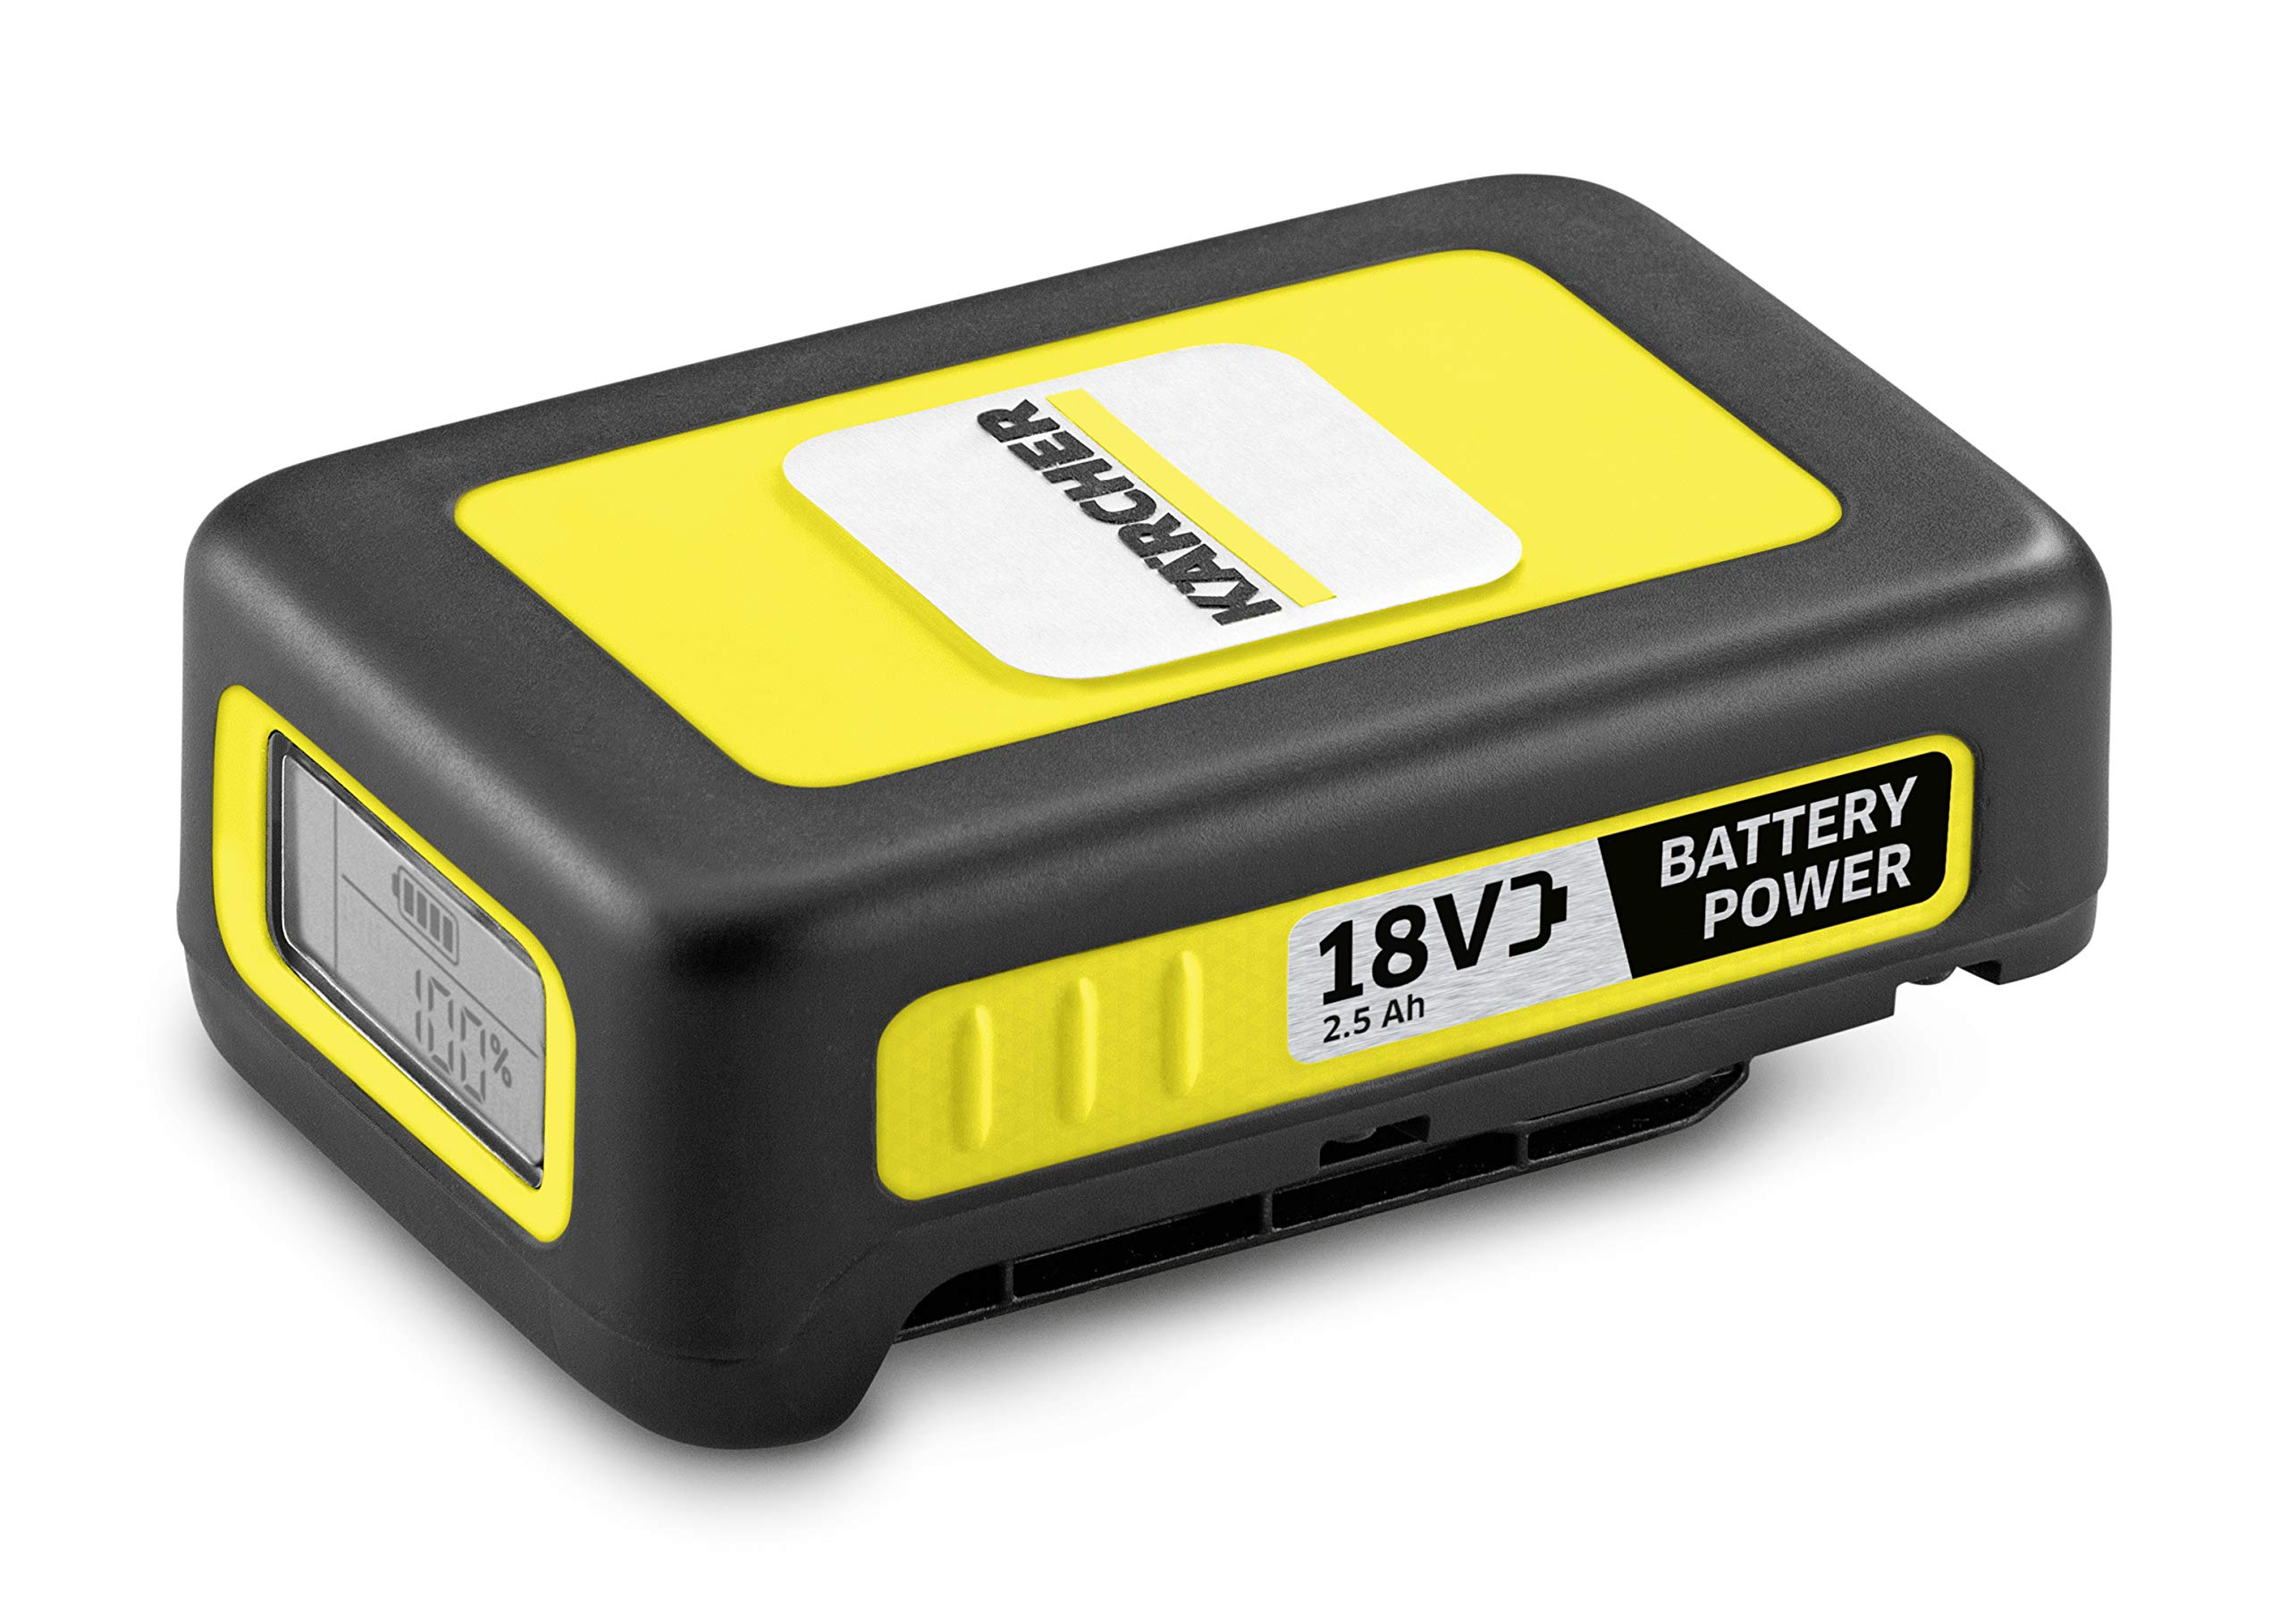 Kärcher 4054278511740 Batterie Power 18/25 18 V Noir, Jaune